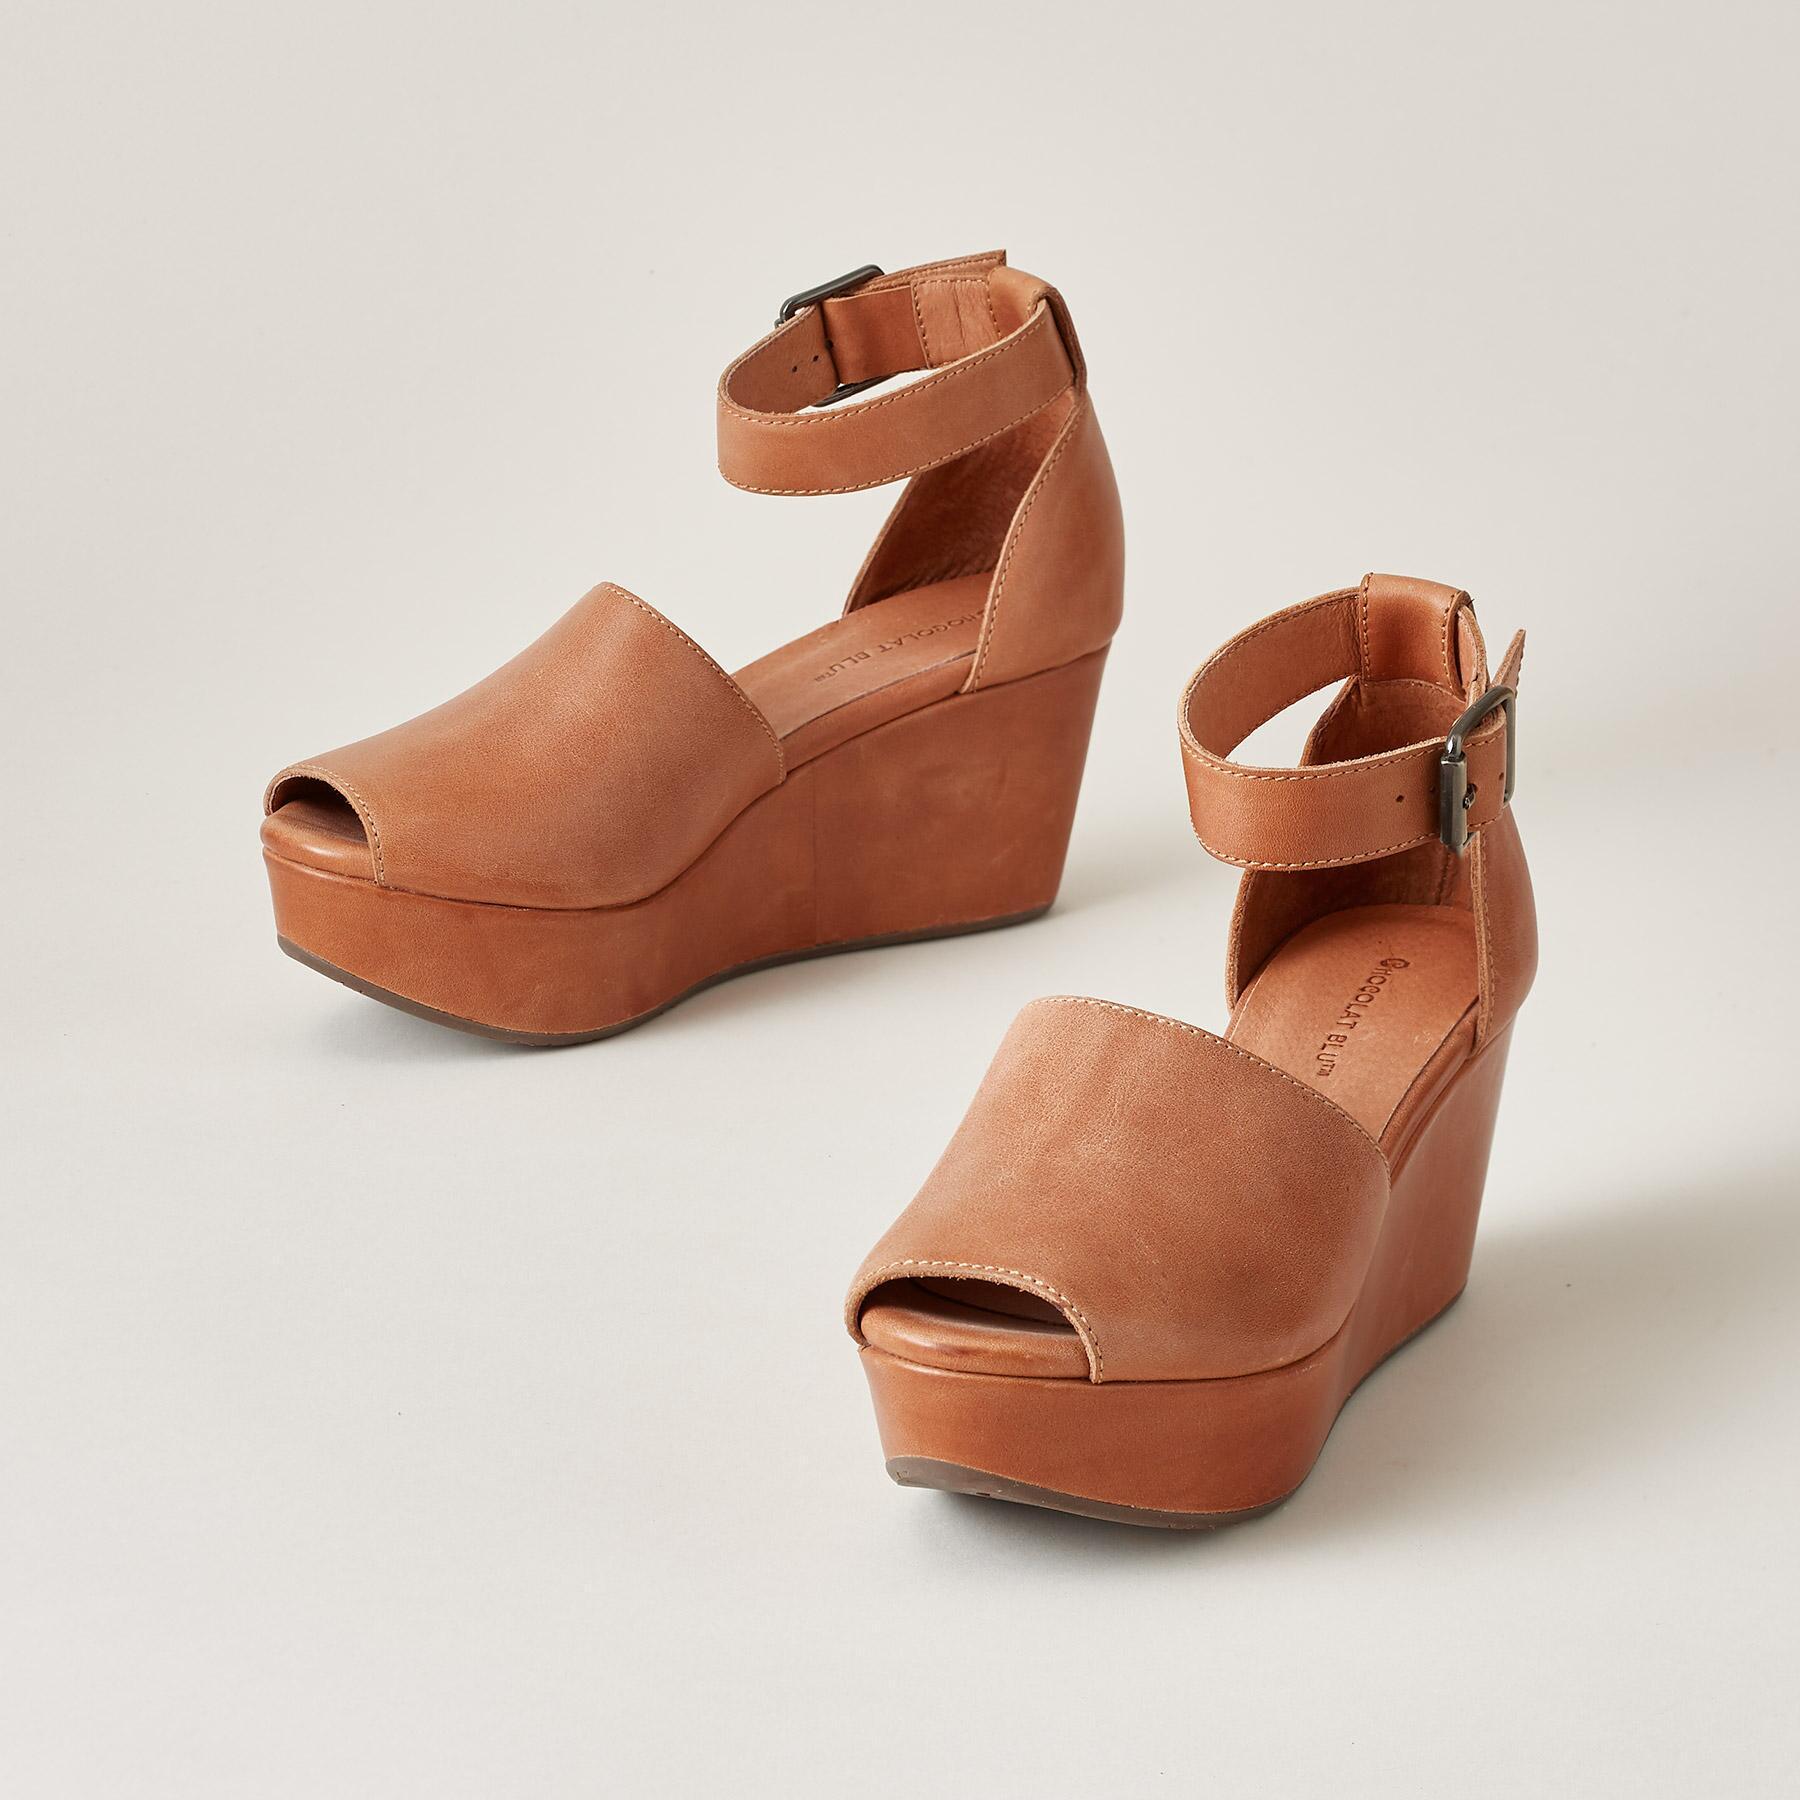 Vivette Sandals